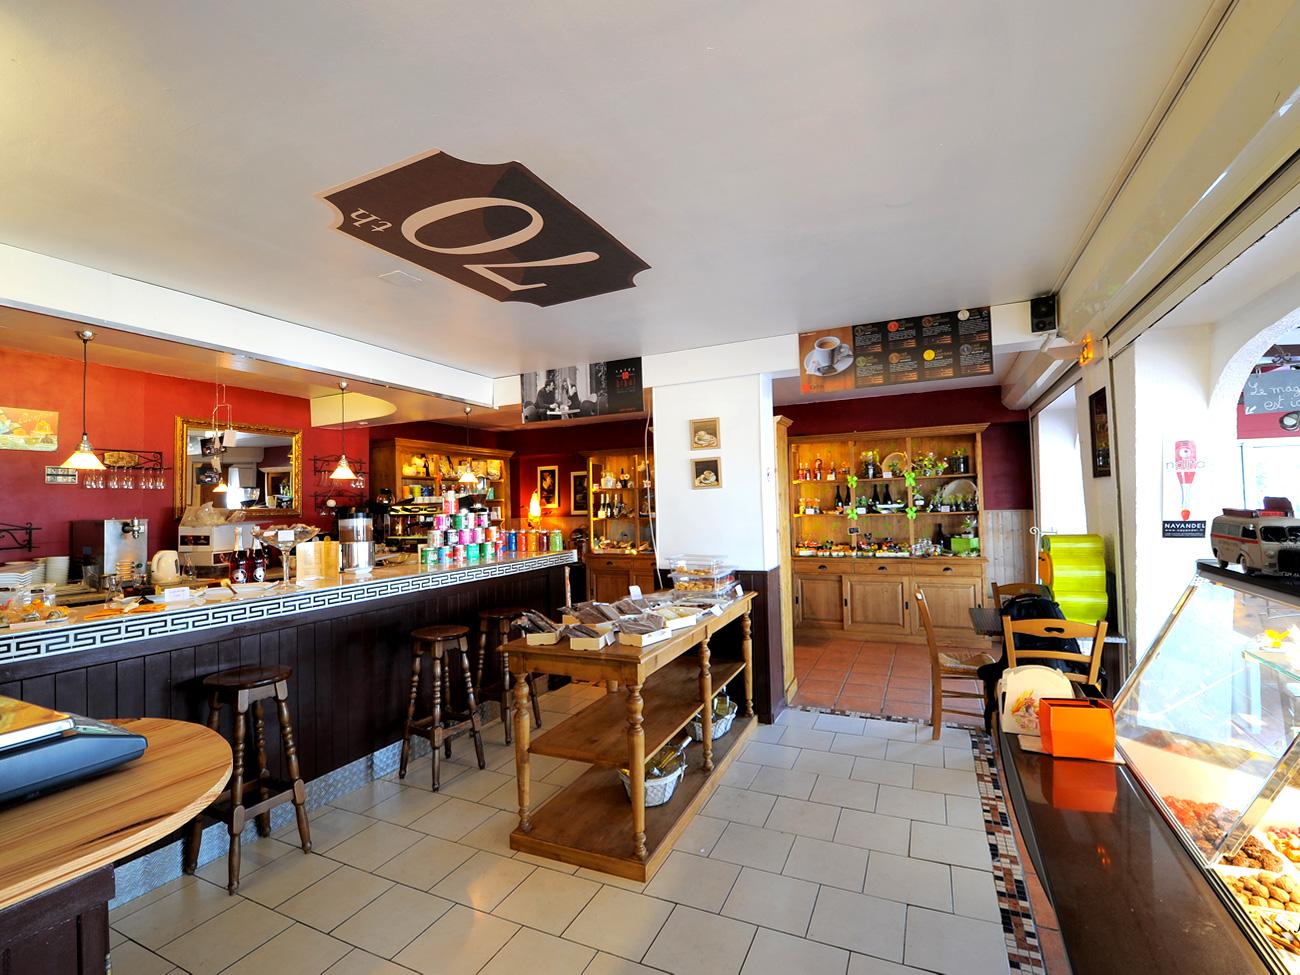 70th Chocolate Park, un bar à chocolat familial à Canet en Roussillon